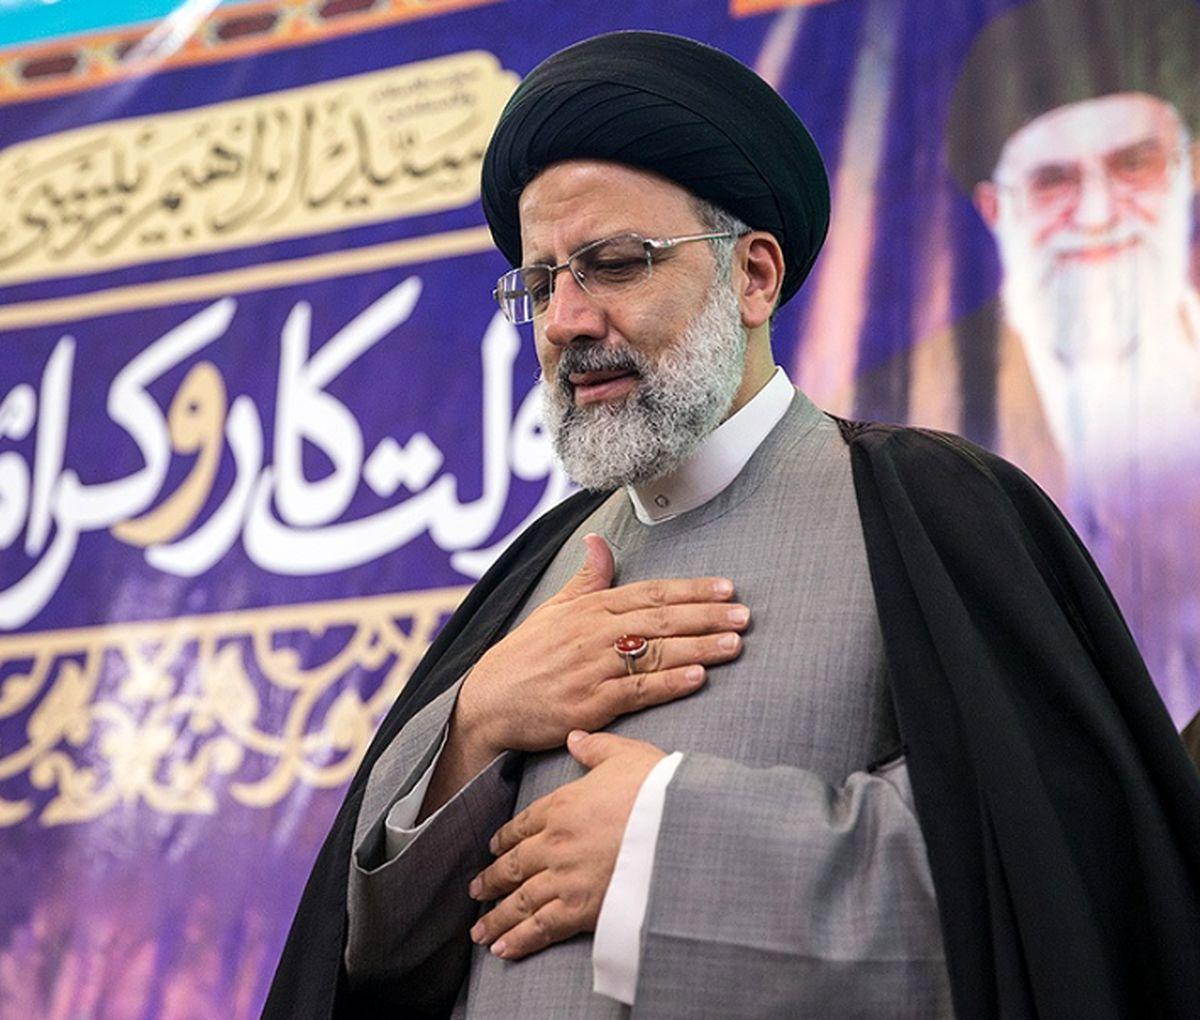 حجت الاسلام محمودی درخواست های مردم ورامین را تقدیم رئیس جمهور کرد